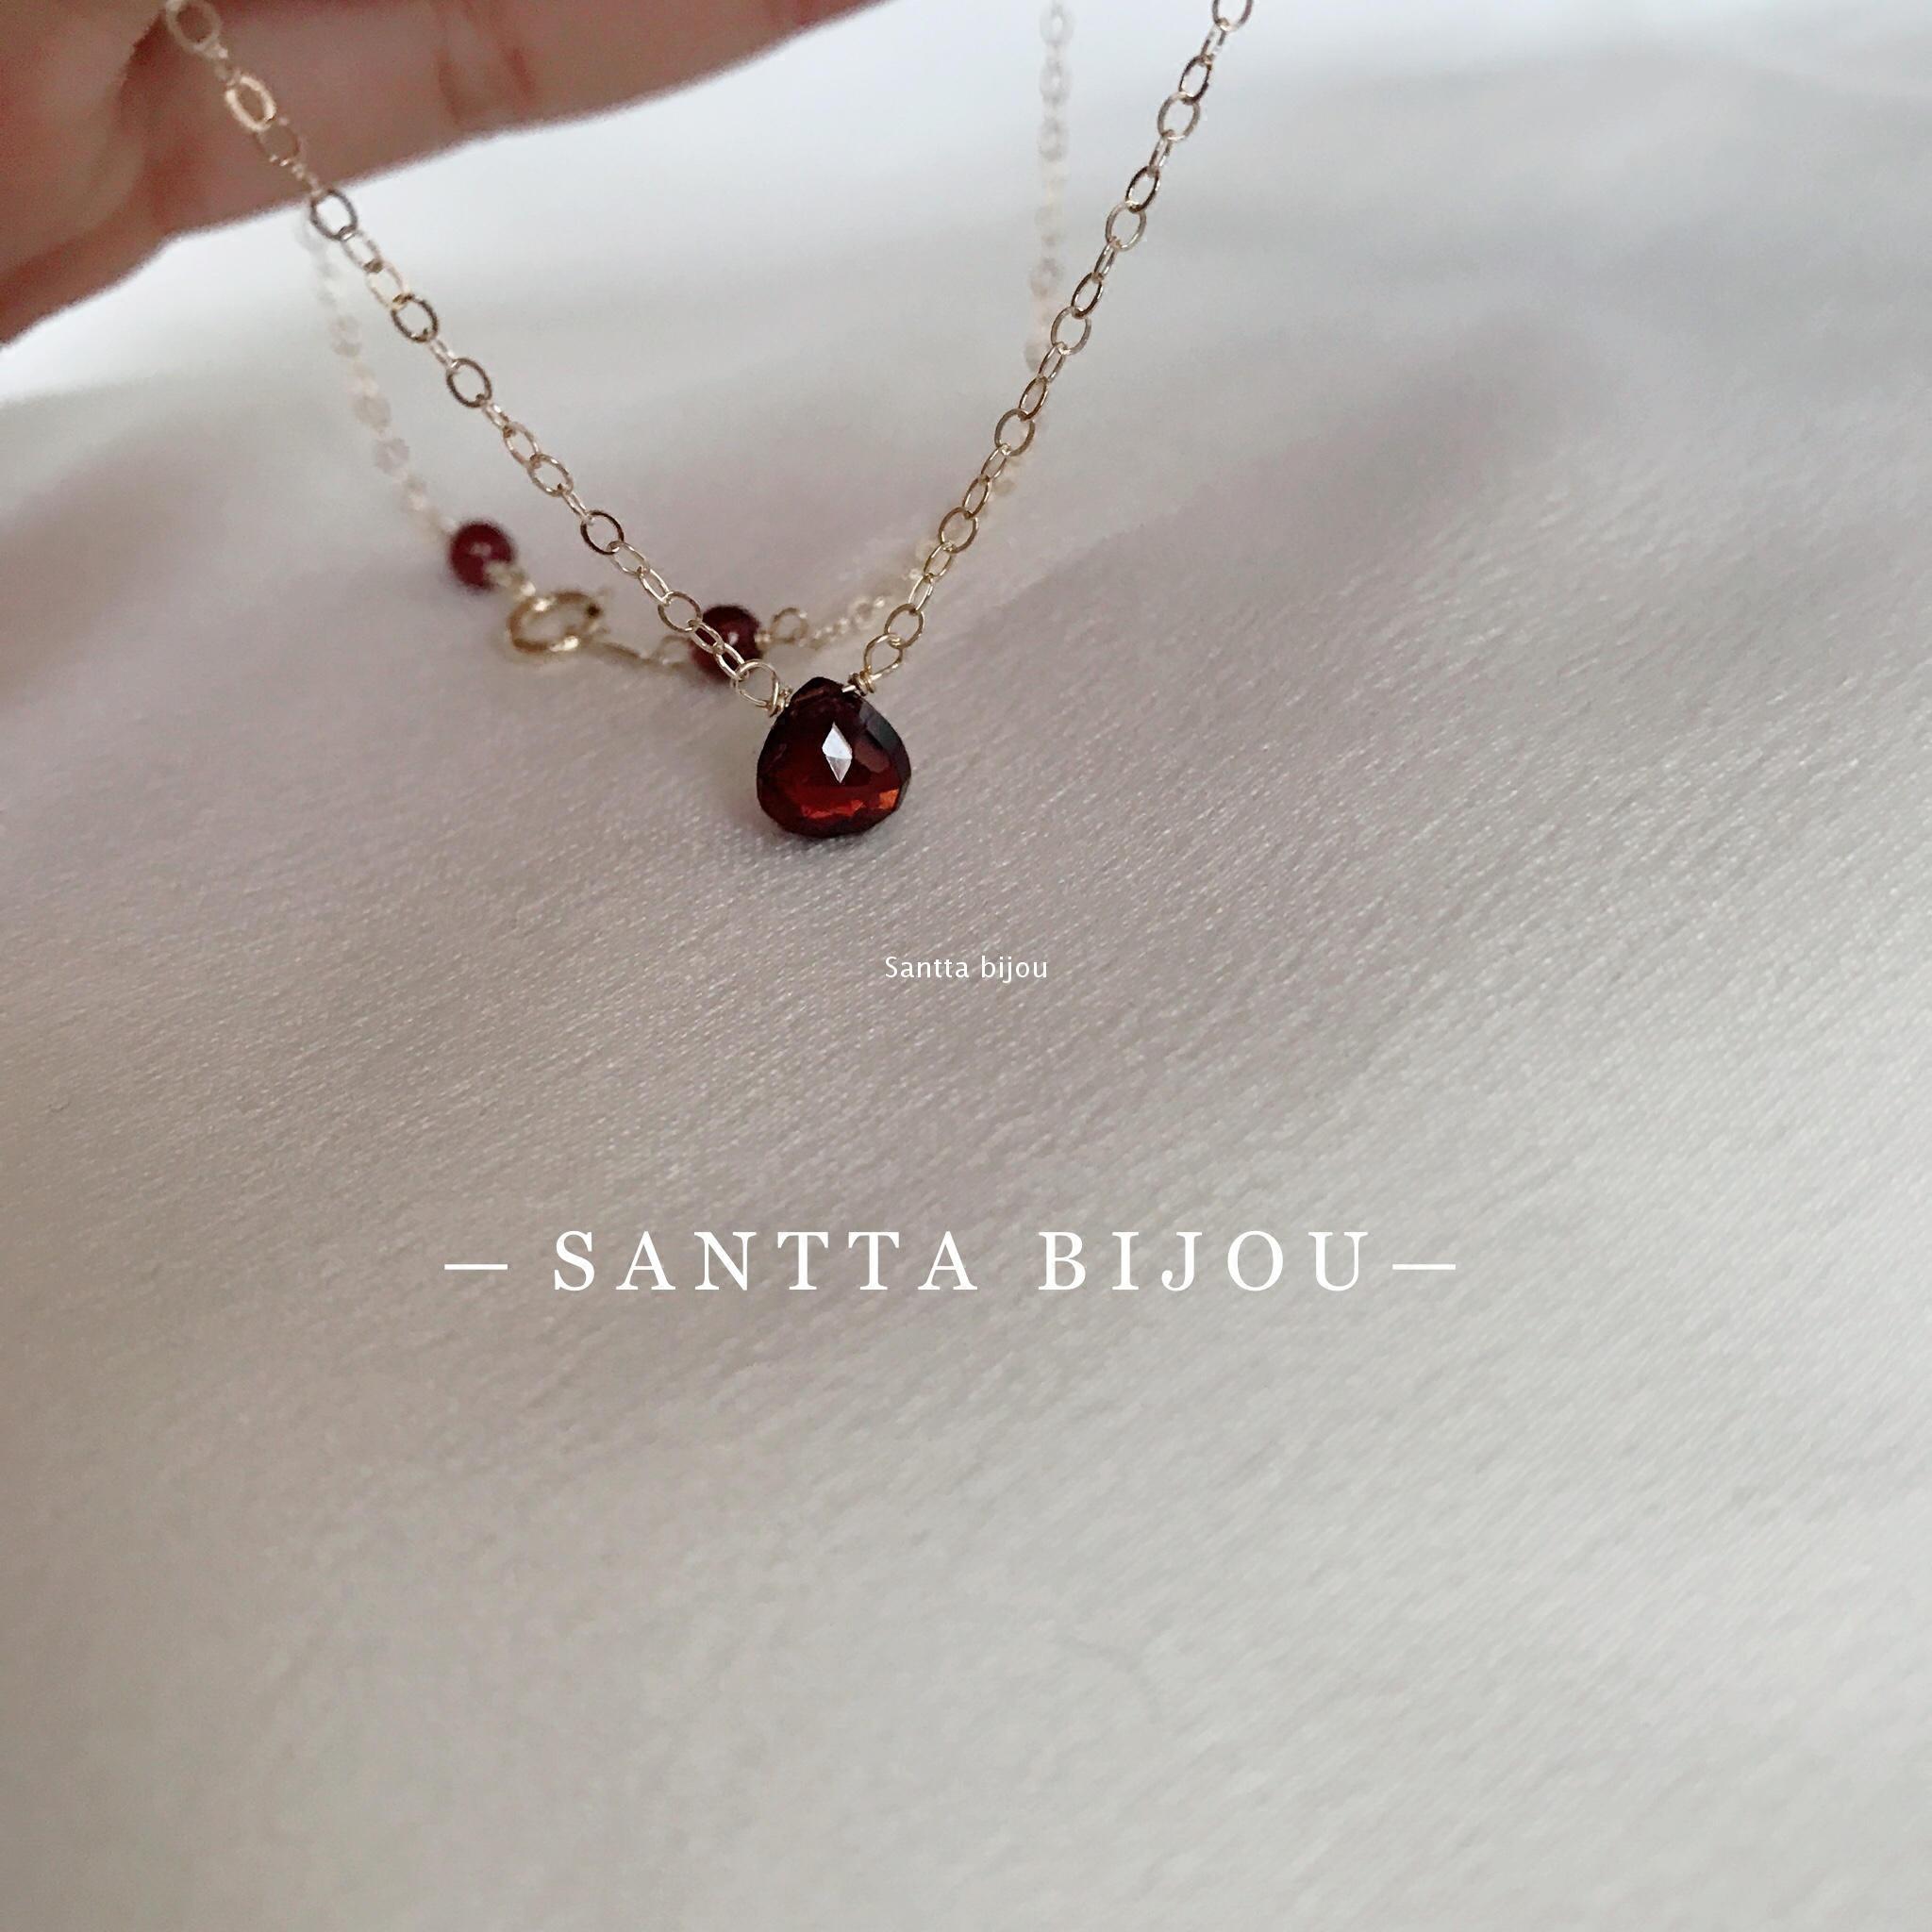 这是一颗美人痣 SANTTA  jonhnstonotite 石榴石 14k包金锁骨项链